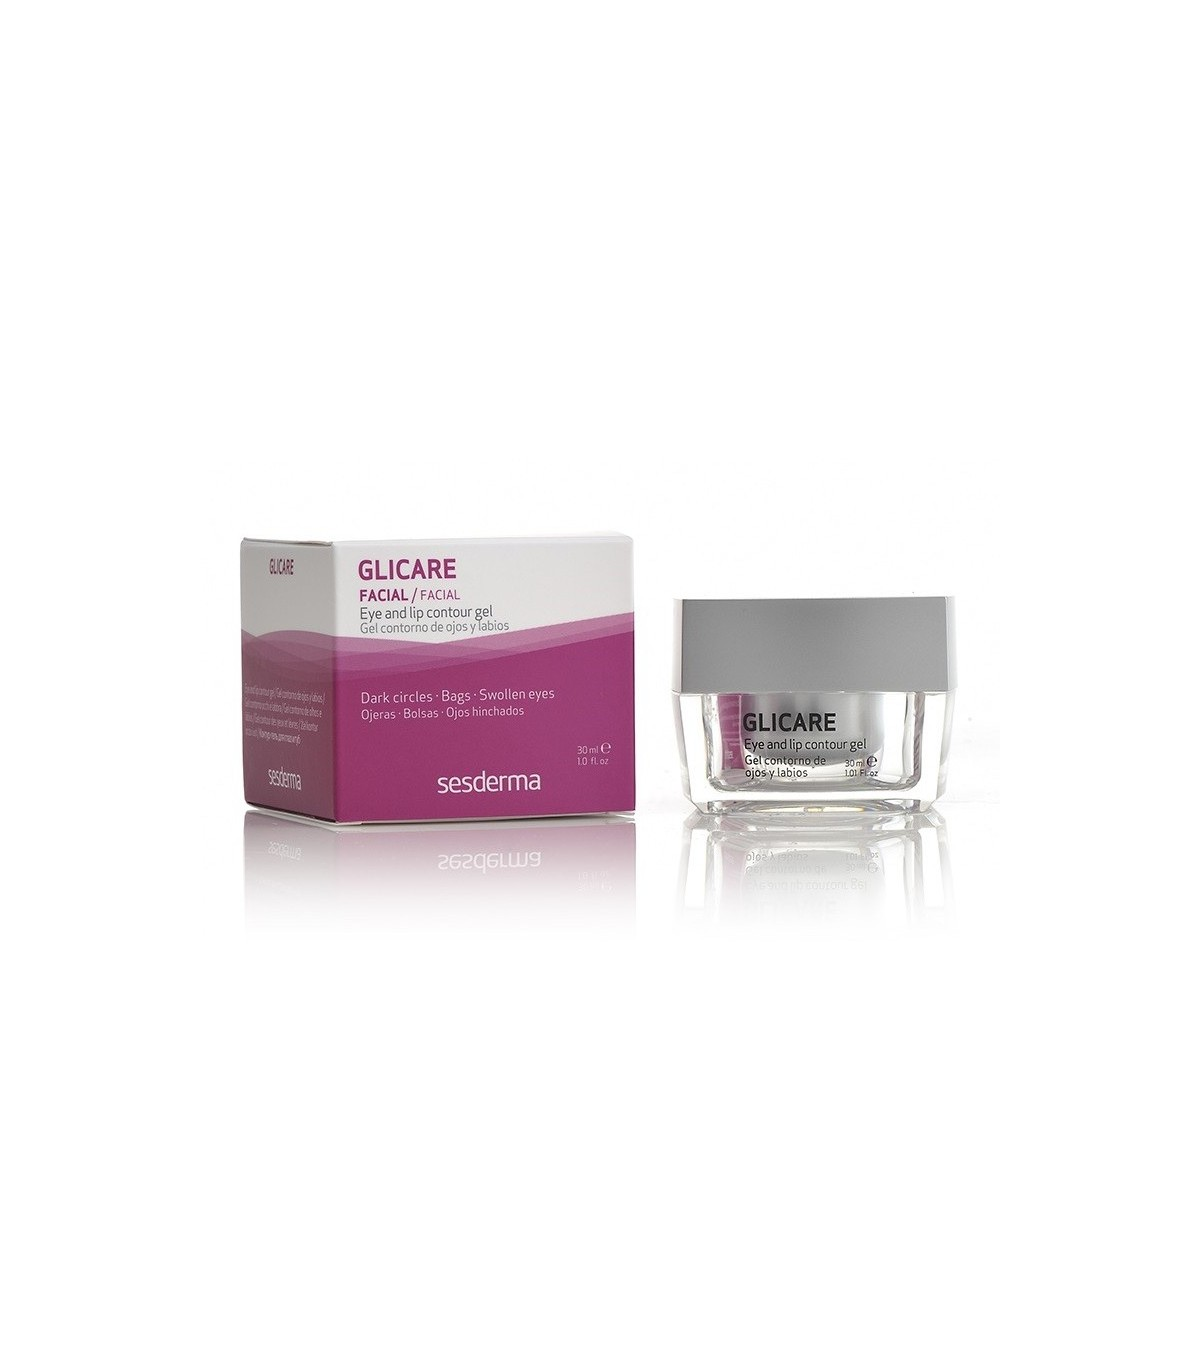 Farmacia Baricentro|SESDERMA GLICARE GEL CONTORNO OJOS Y LABIOS 30ML